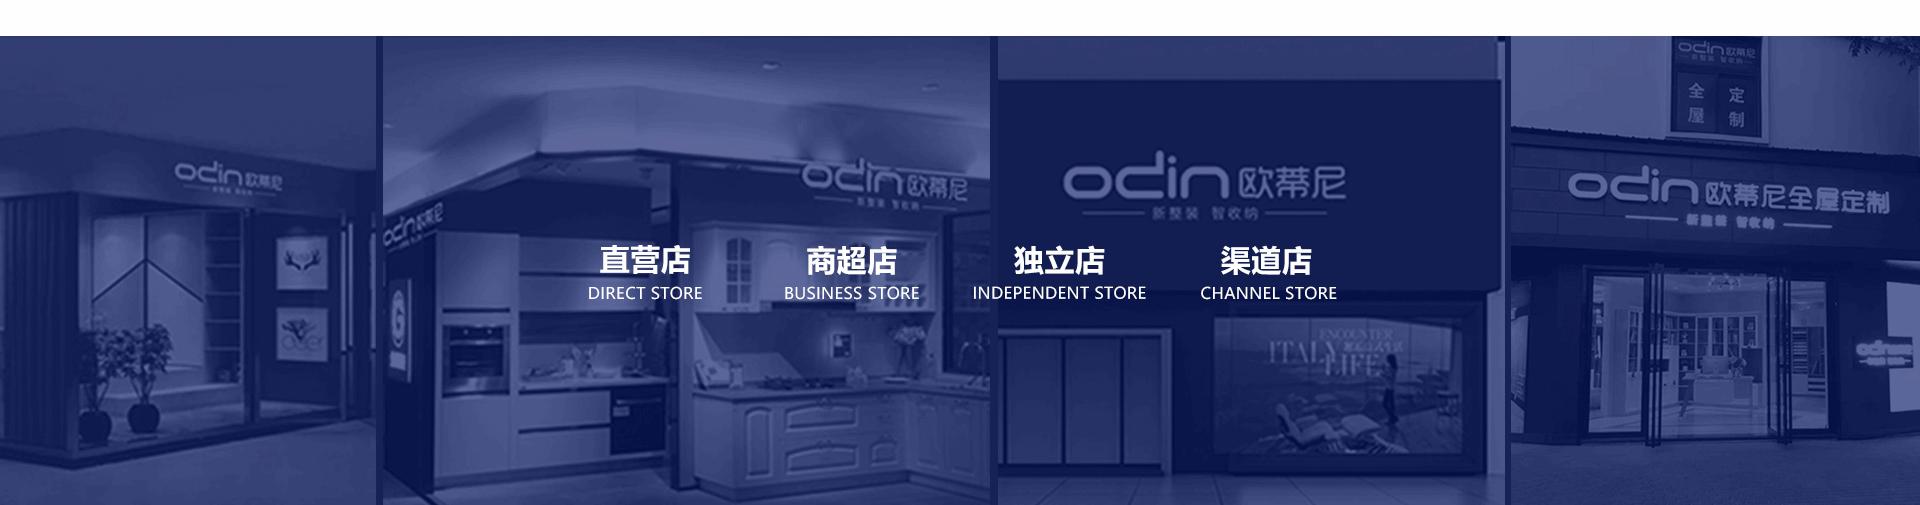 欧蒂尼家居品牌招商加盟,欧蒂尼加盟店